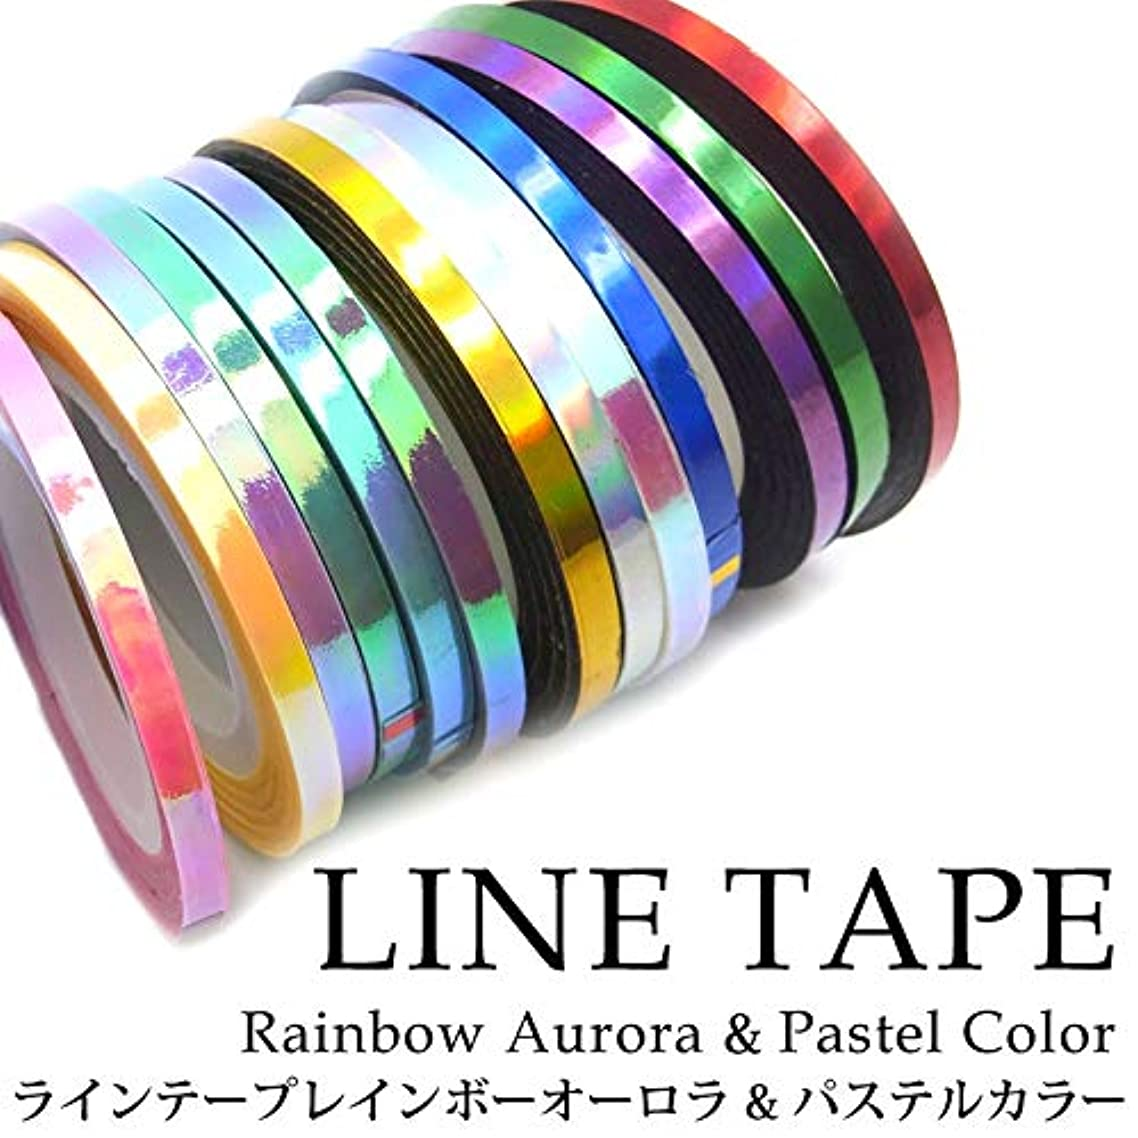 盗賊唯物論チューリップラインテープ レインボーオーロラ & パステルカラー 各種 3サイズ (2mm, 3.レインボーオーロラクリア)